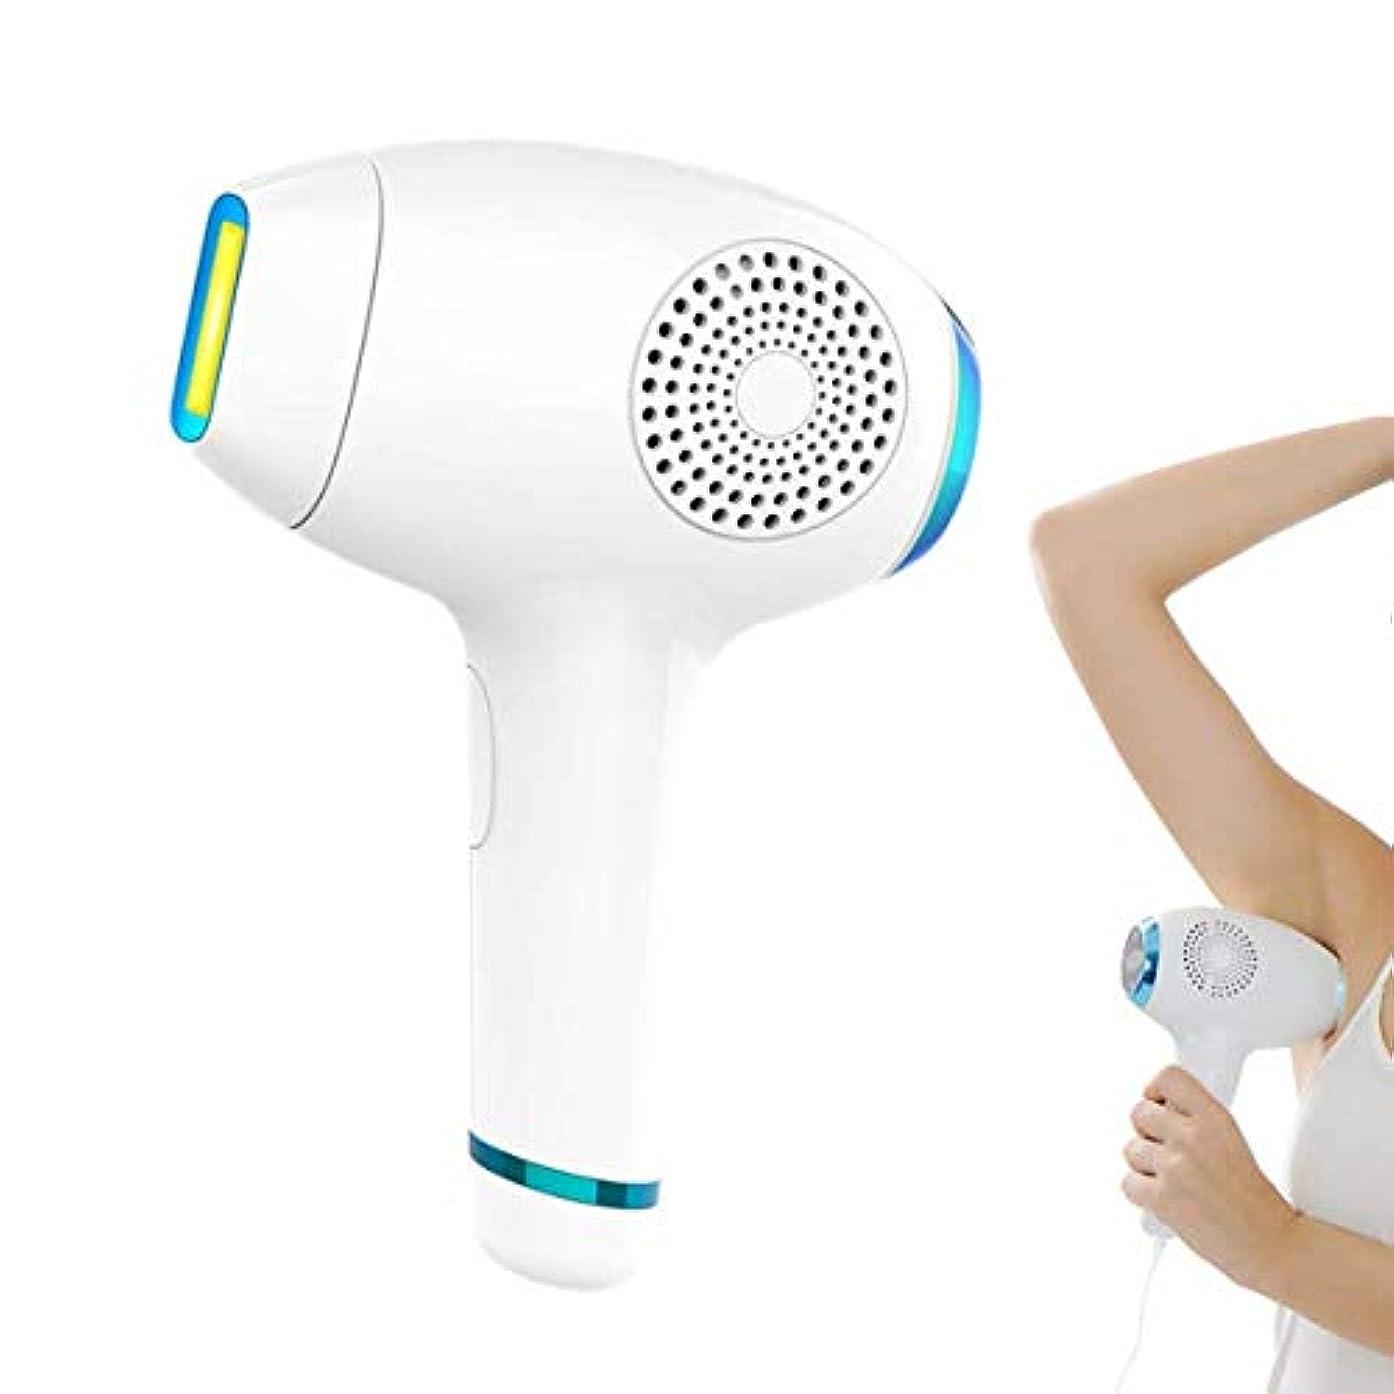 アナリスト敬意を表するお誕生日QAZ 女性男性の顔、家庭用電気無痛クール脱毛デバイス、タッチLCD画面付き永久脱毛デバイス用脱毛システム